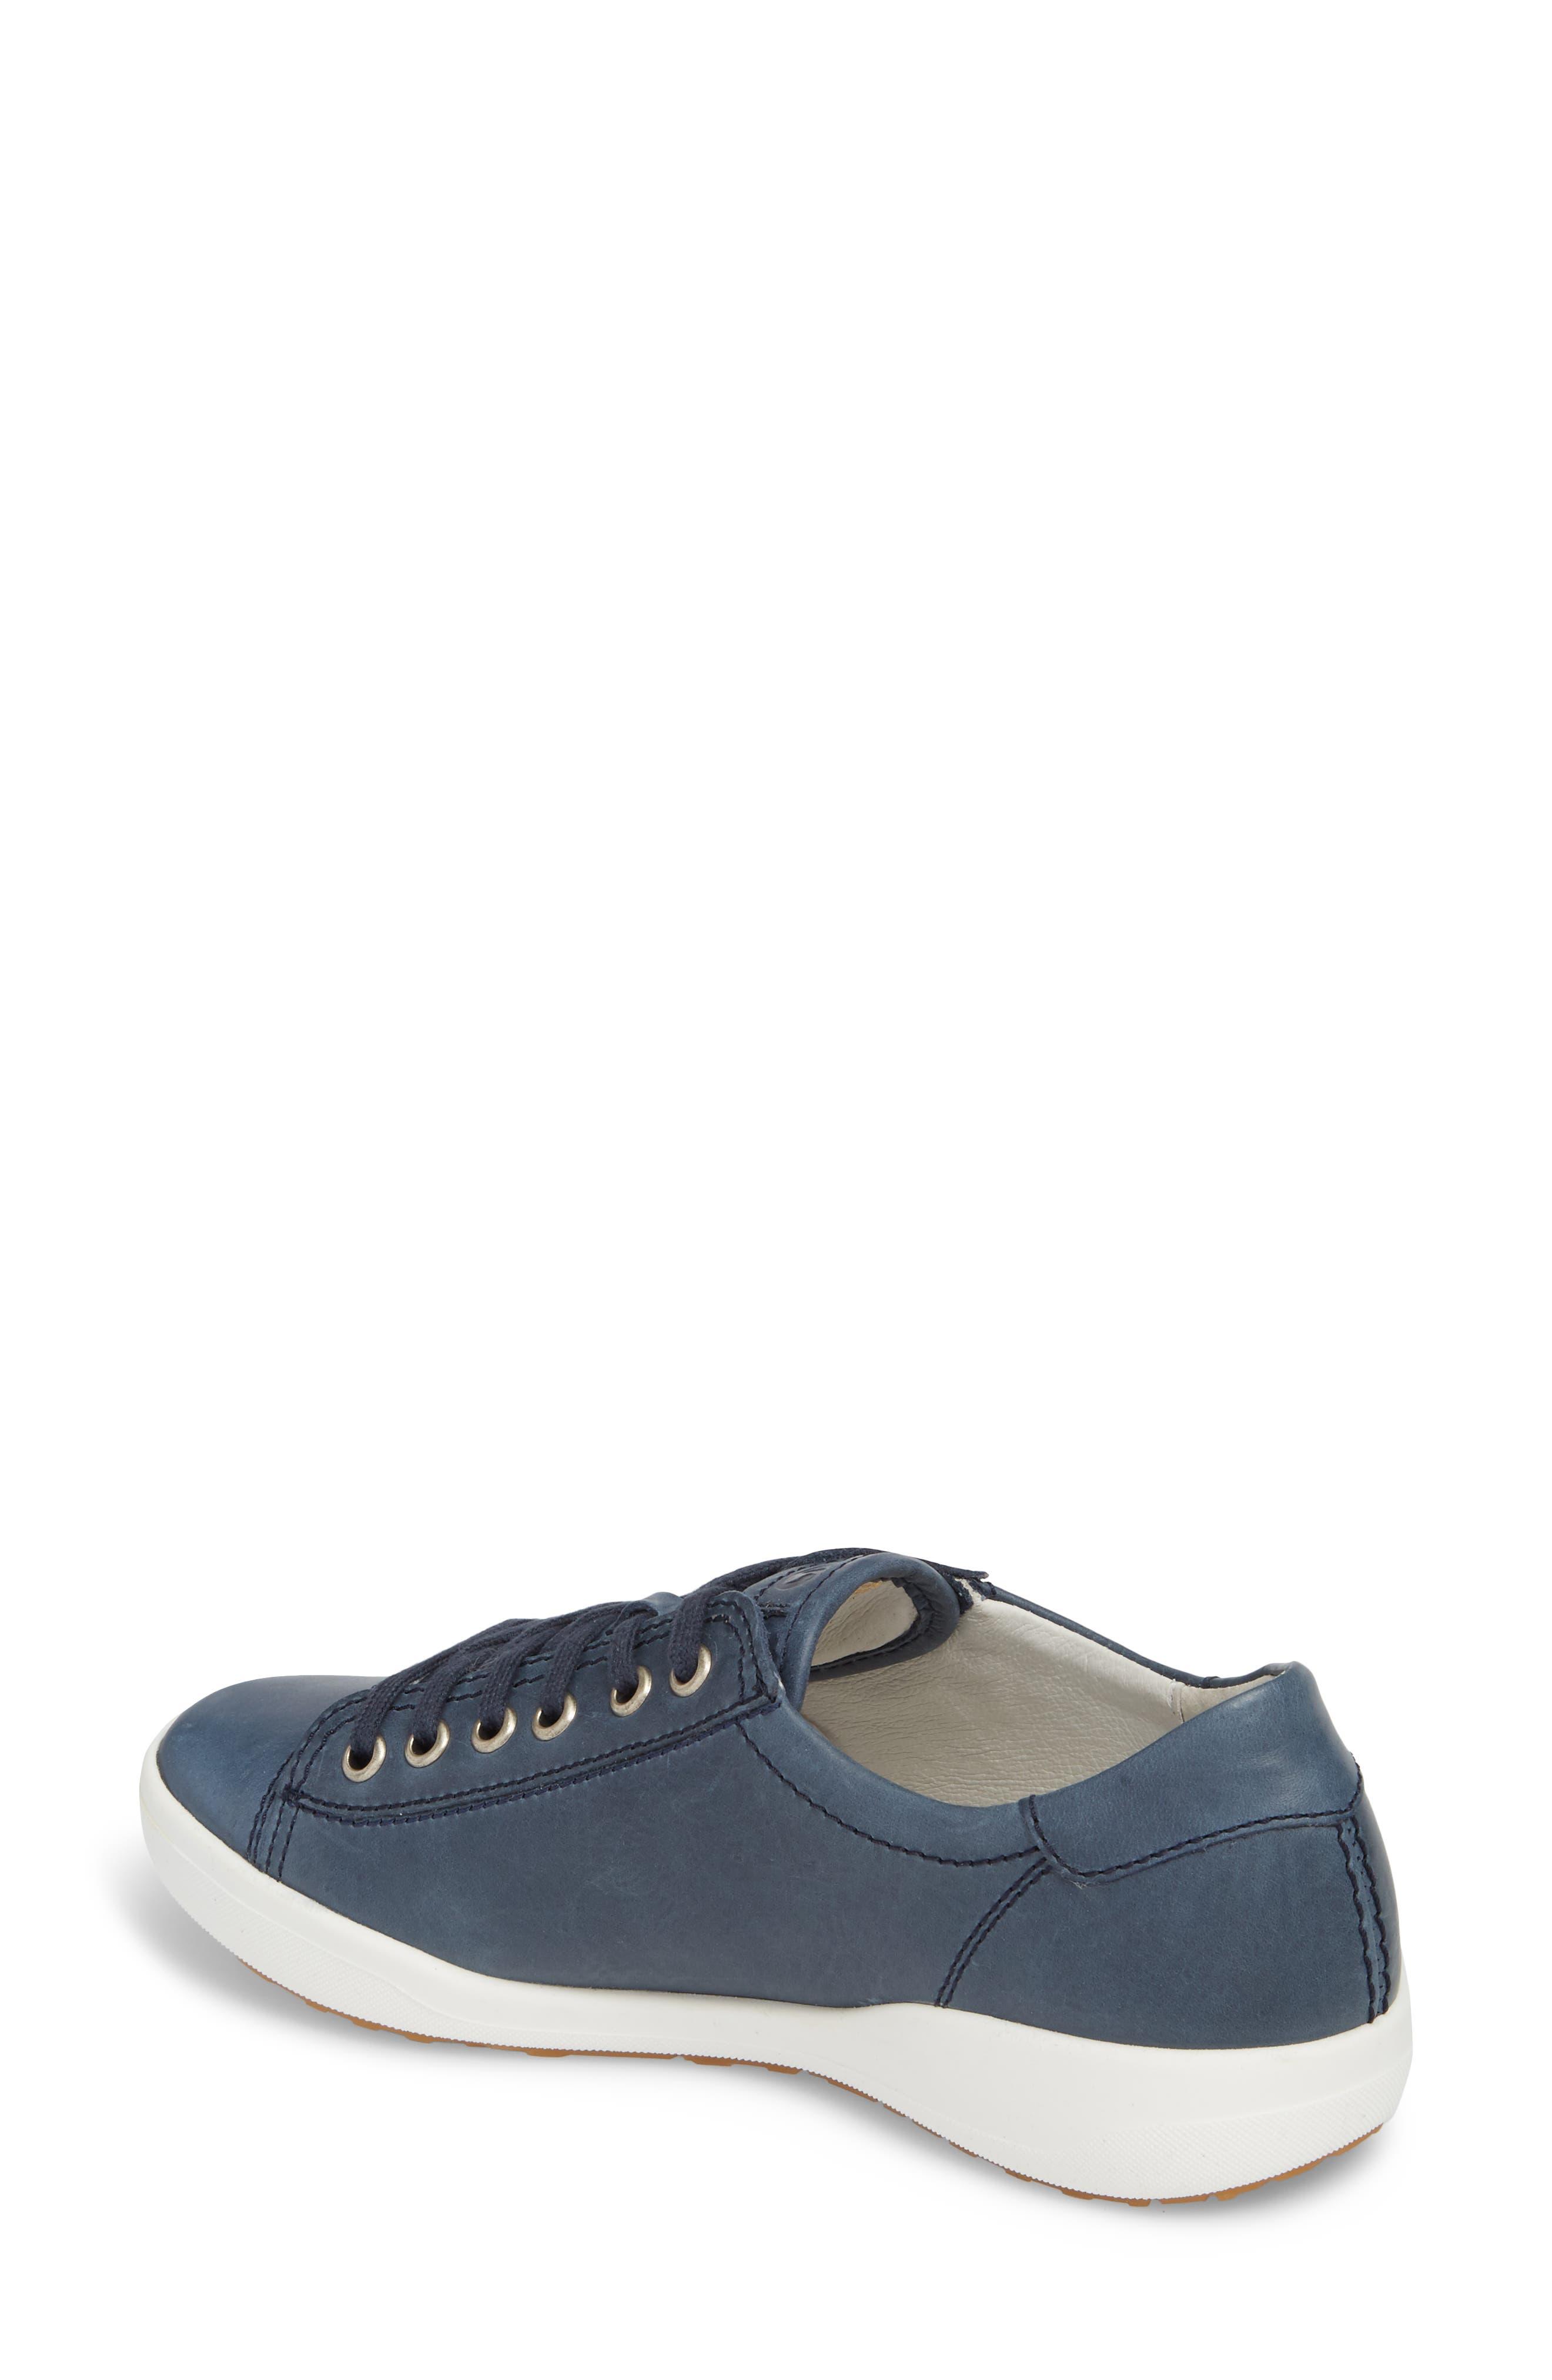 Sina 11 Sneaker,                             Alternate thumbnail 2, color,                             DENIM LEATHER